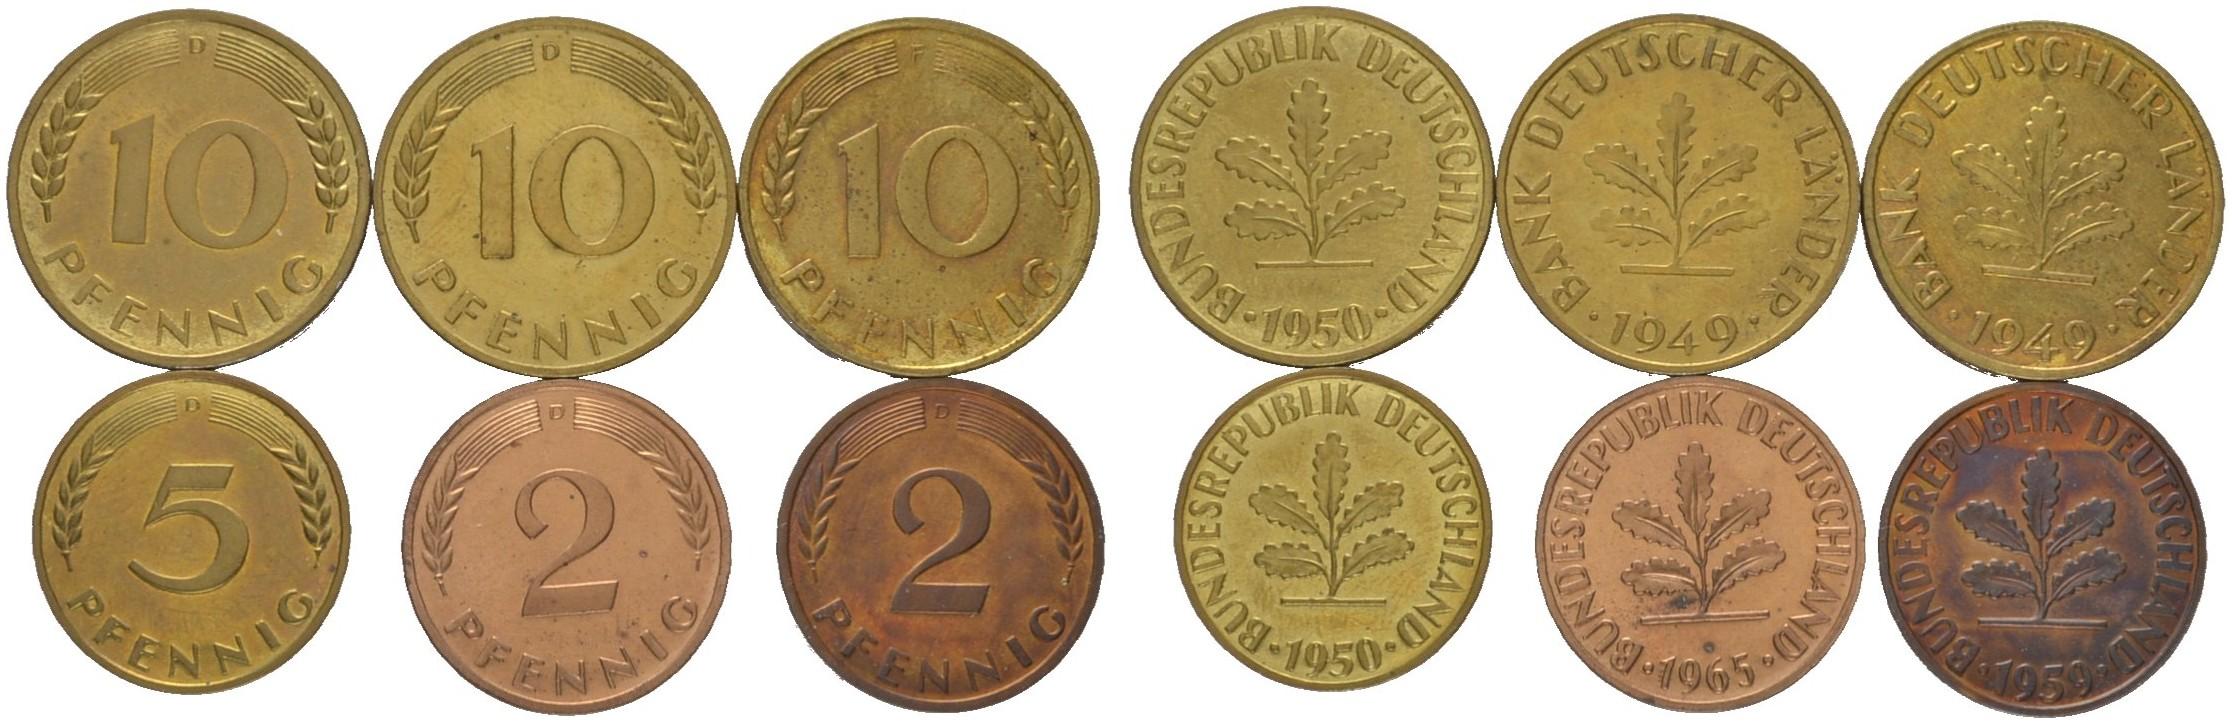 J 381 2 Pfennig 1959 D 1965 D J 378 10 Pfennig 1949 D F J